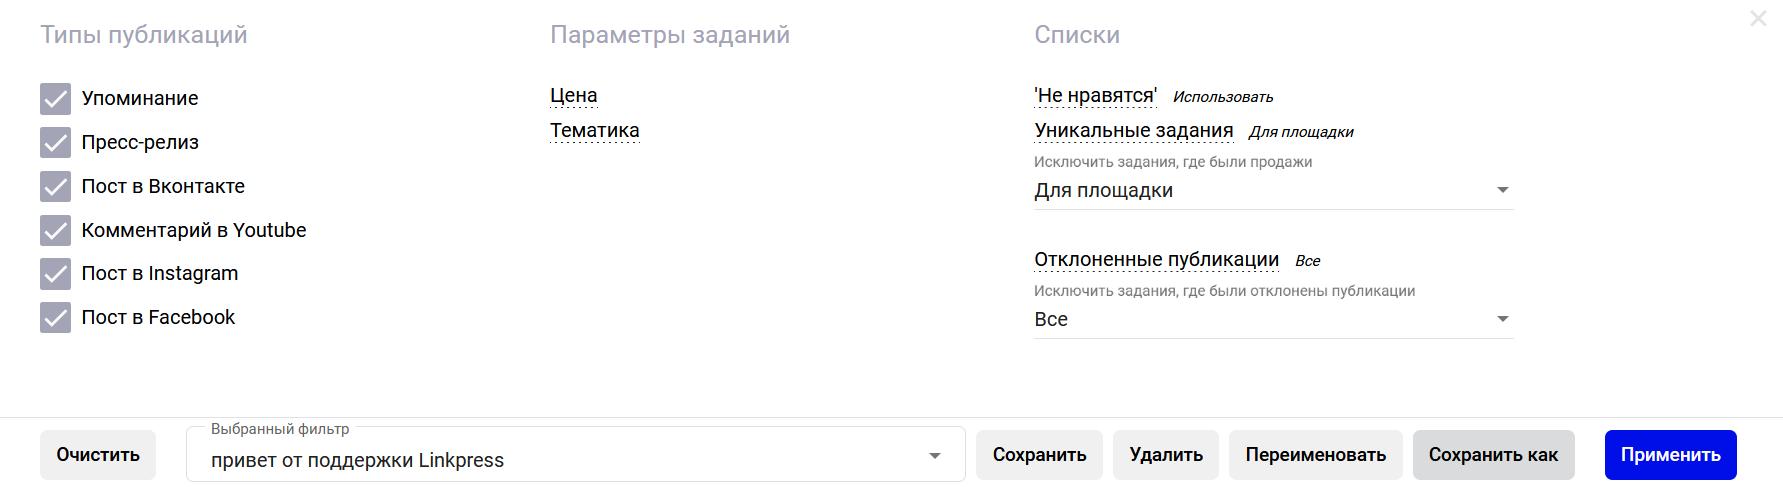 Фильтрация заданий для Исполнителей в Linkpress